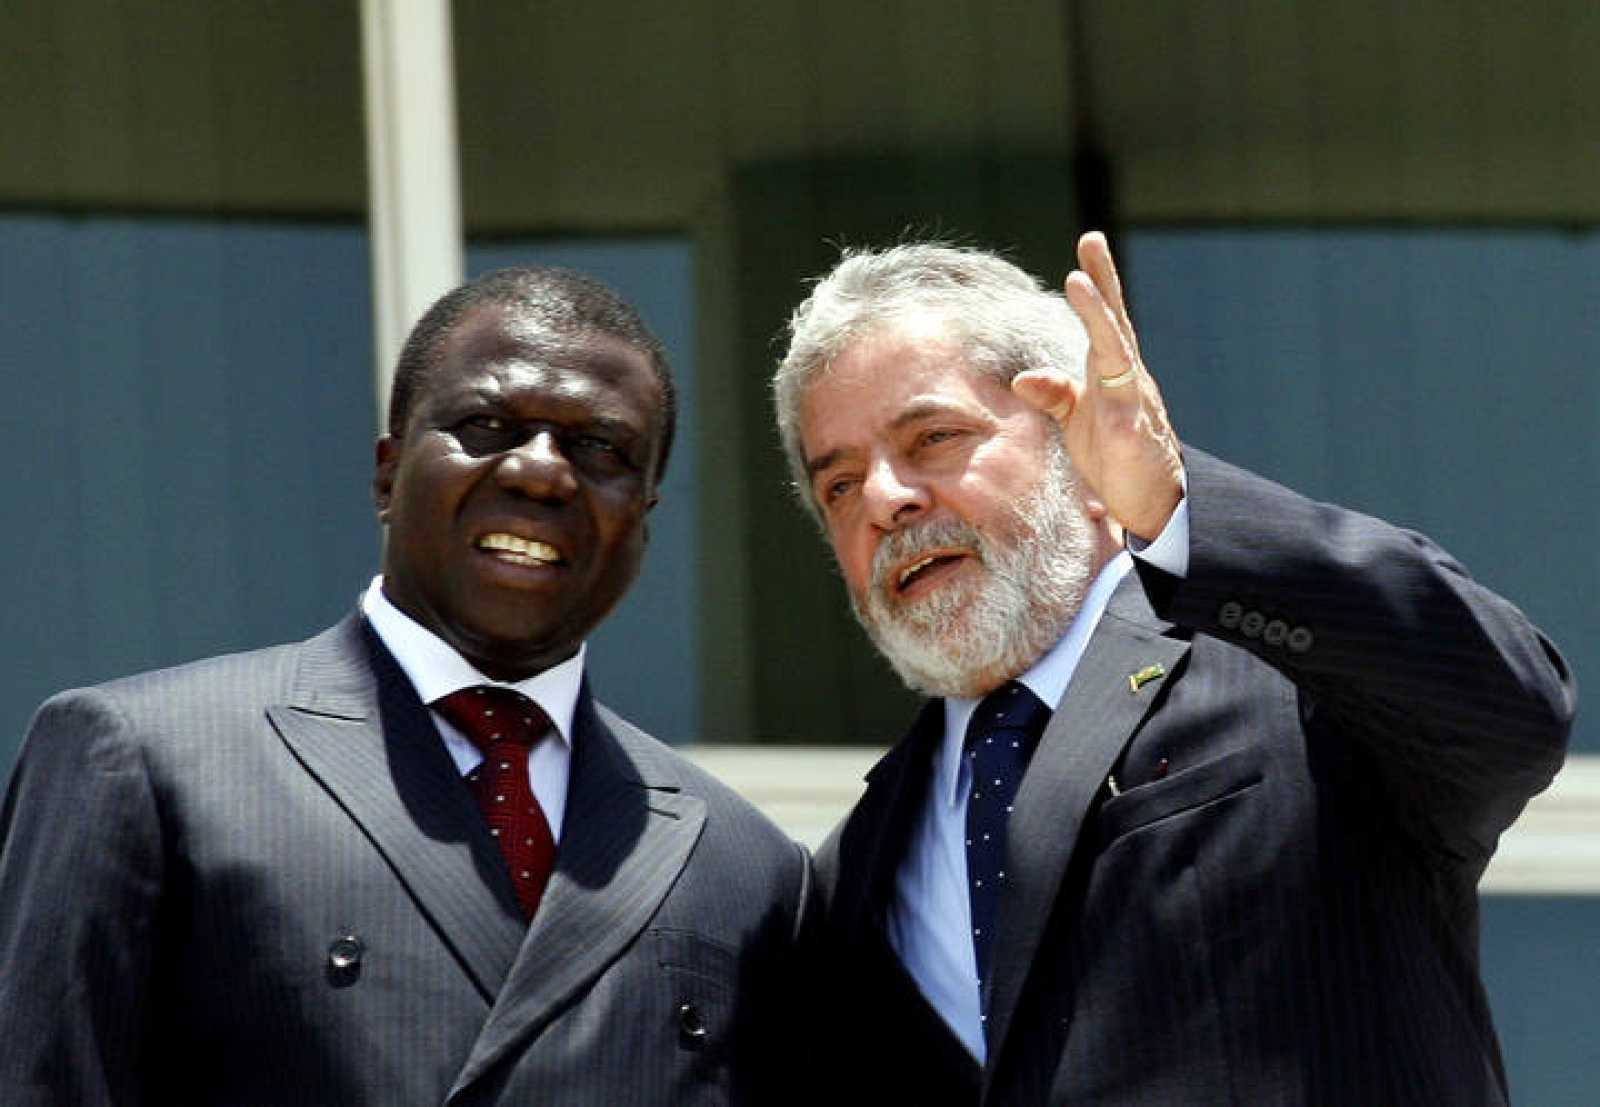 Joao Bernardo Vieira, en un viaje oficial a Brasil en noviembre de 2007, junto a Lula da Silva.